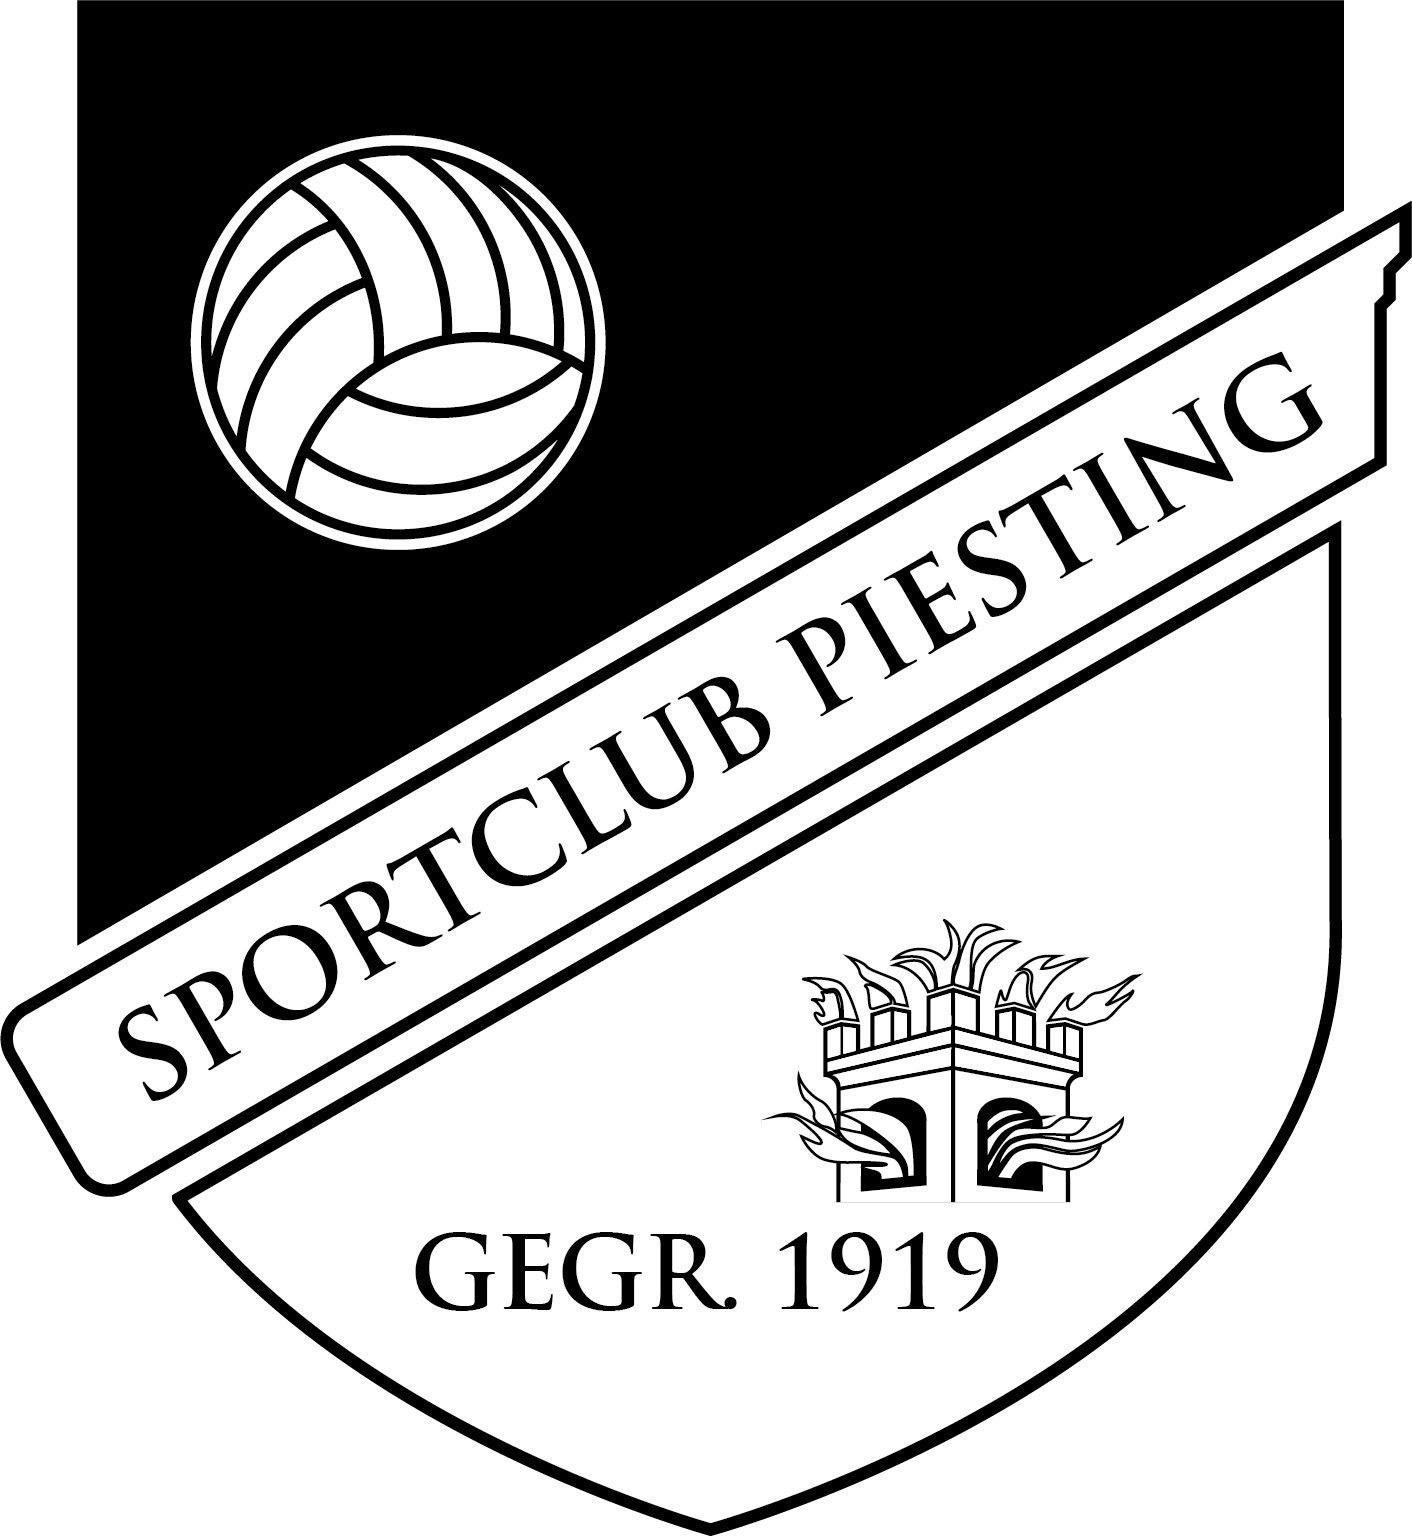 Sportclub Piesting